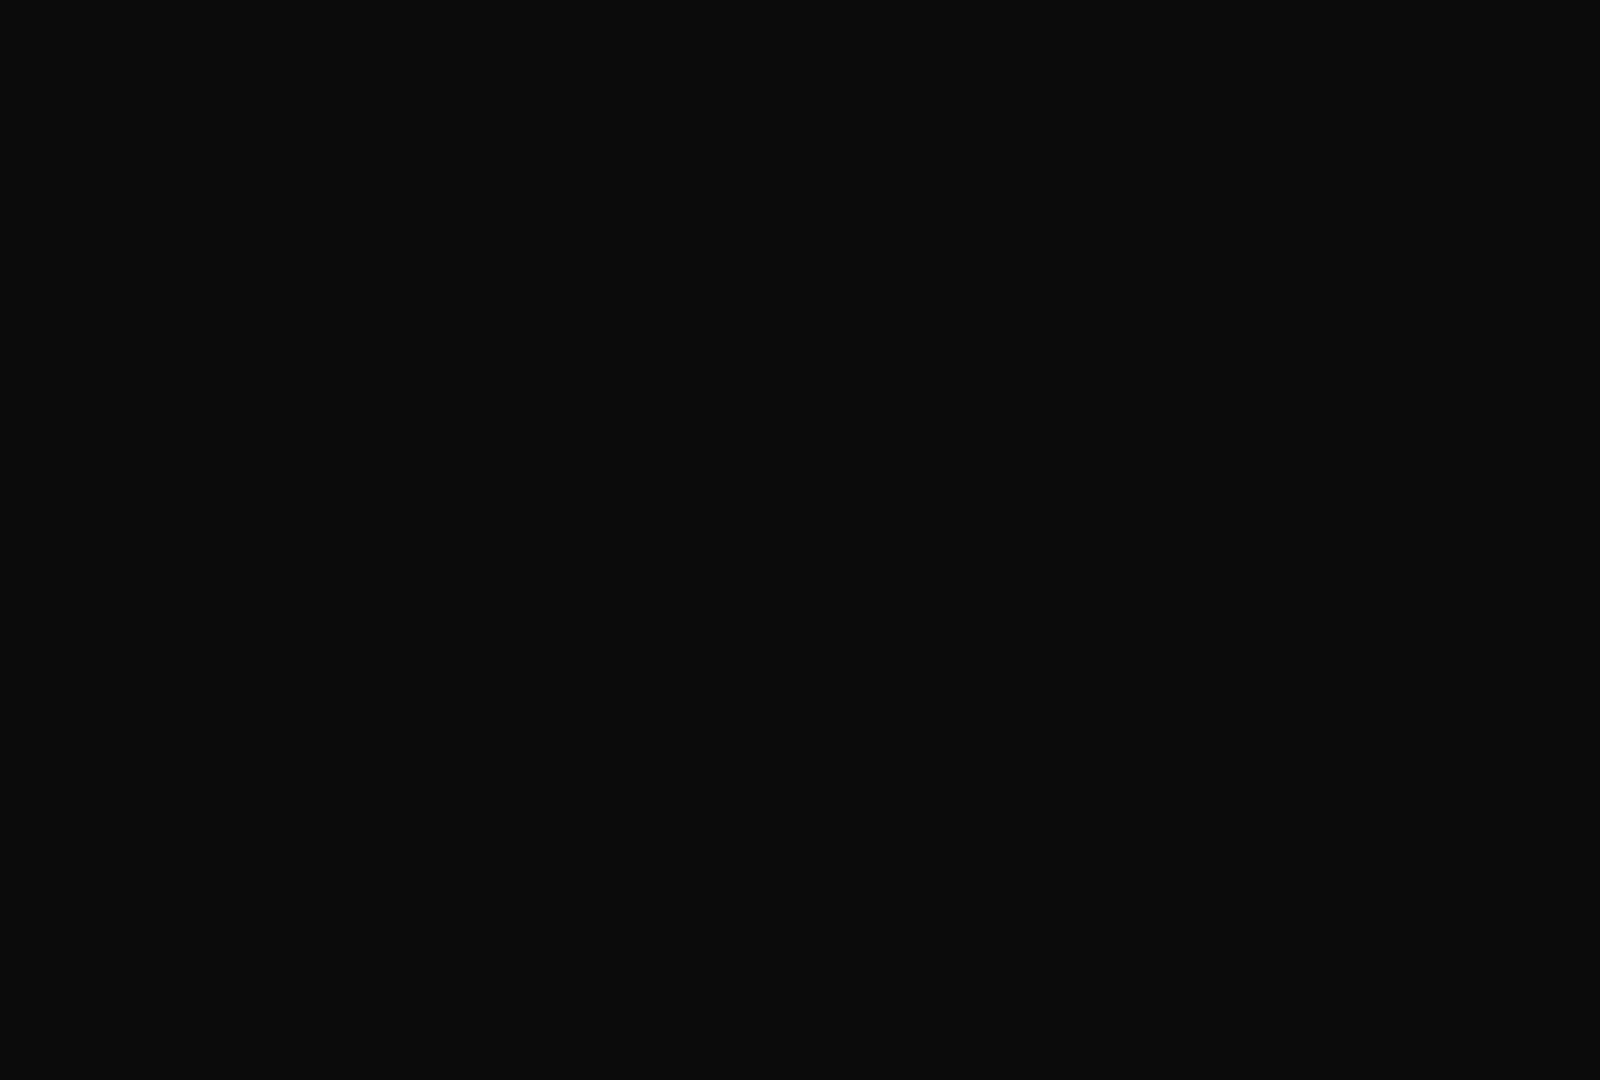 充血監督の深夜の運動会Vol.53 カップル エロ無料画像 97pic 50